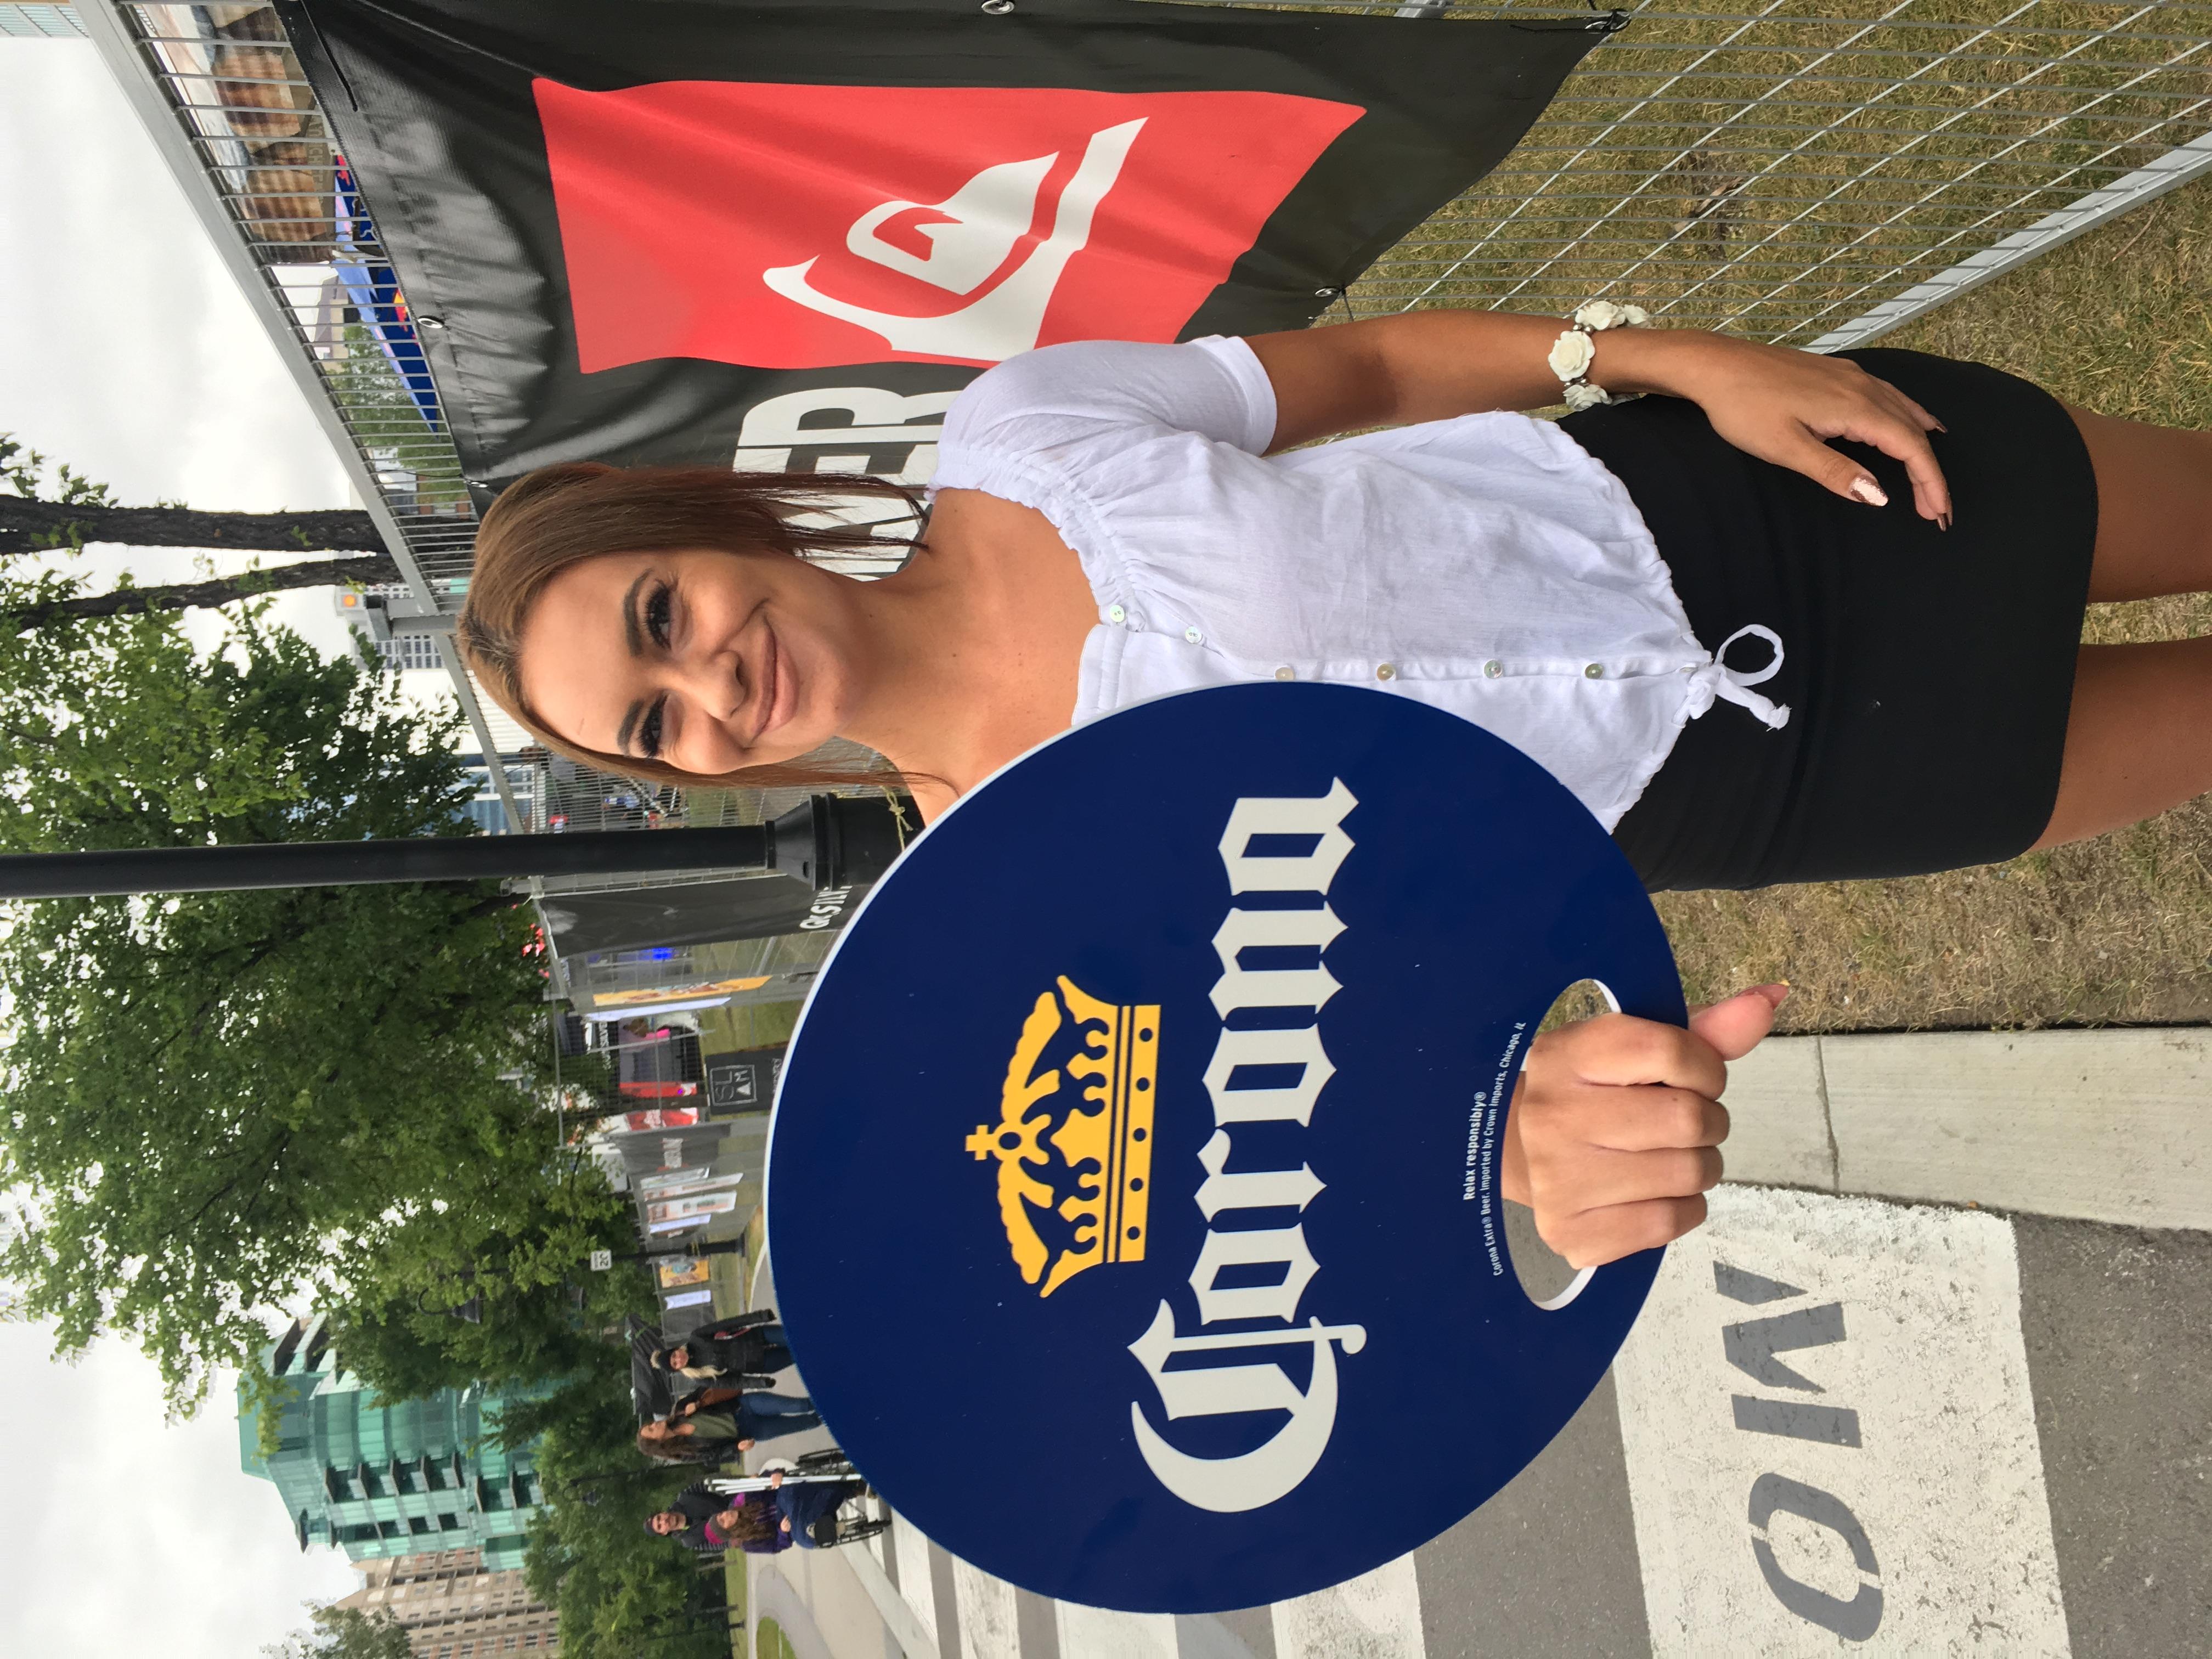 Woman holding Corona signage smiling